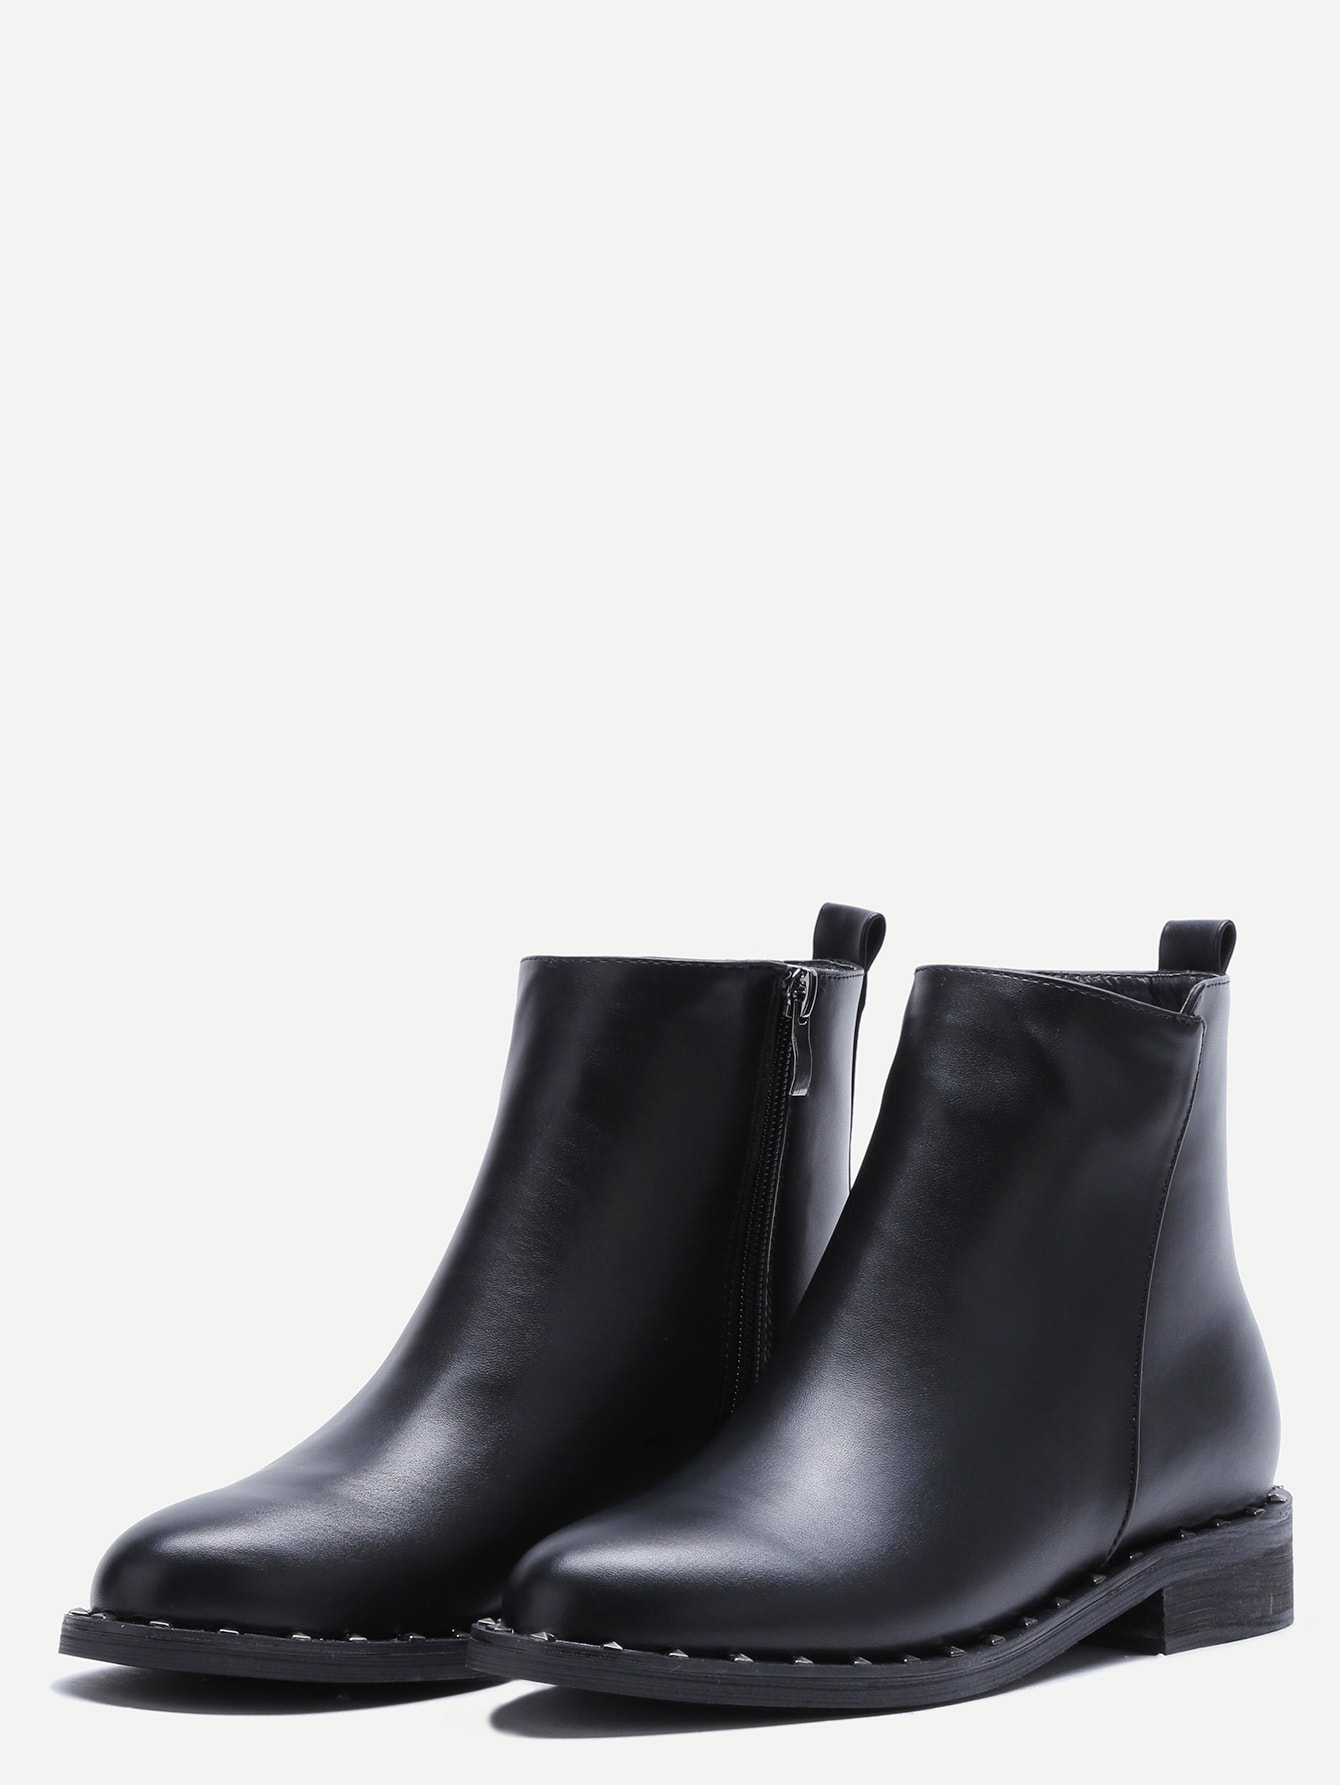 shoes161109808_2